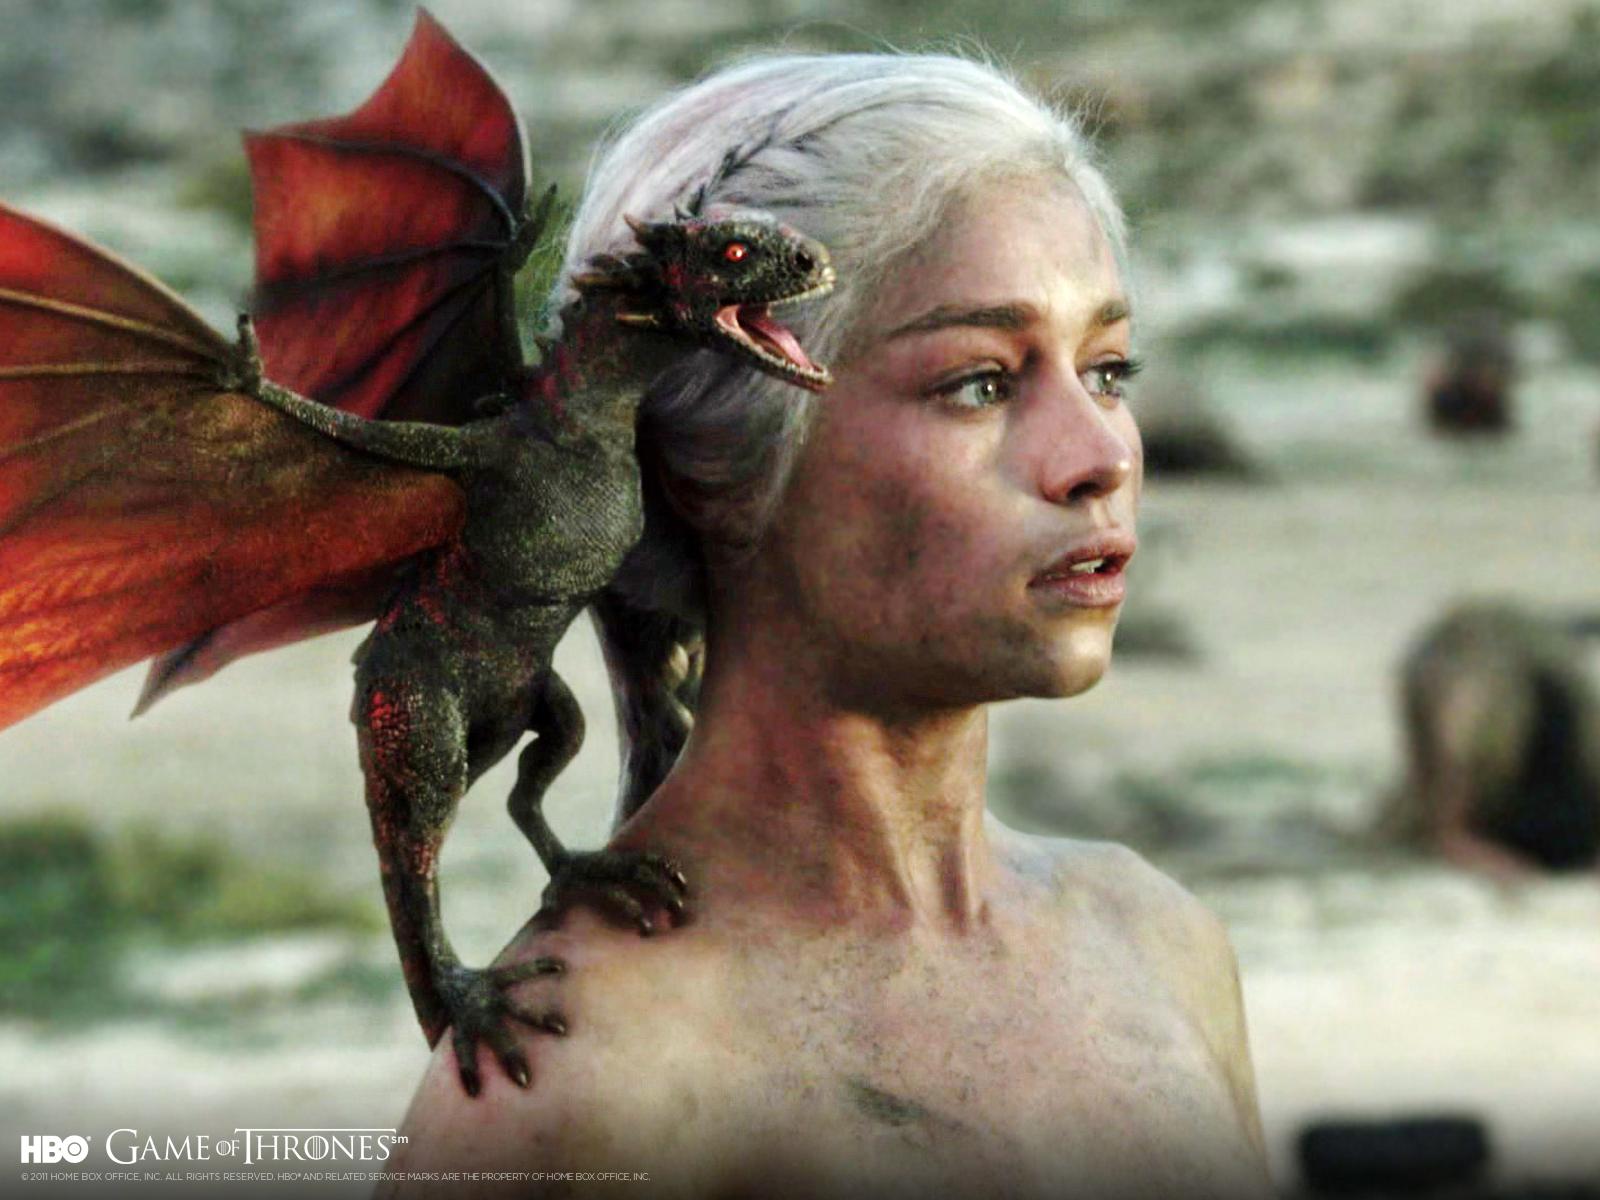 http://3.bp.blogspot.com/-OkxJouoQC_I/T769mWOYioI/AAAAAAAAPRM/JK09XXcqrwg/s1600/wallpaper-daenerys-dragon-1600+hbo.jpg